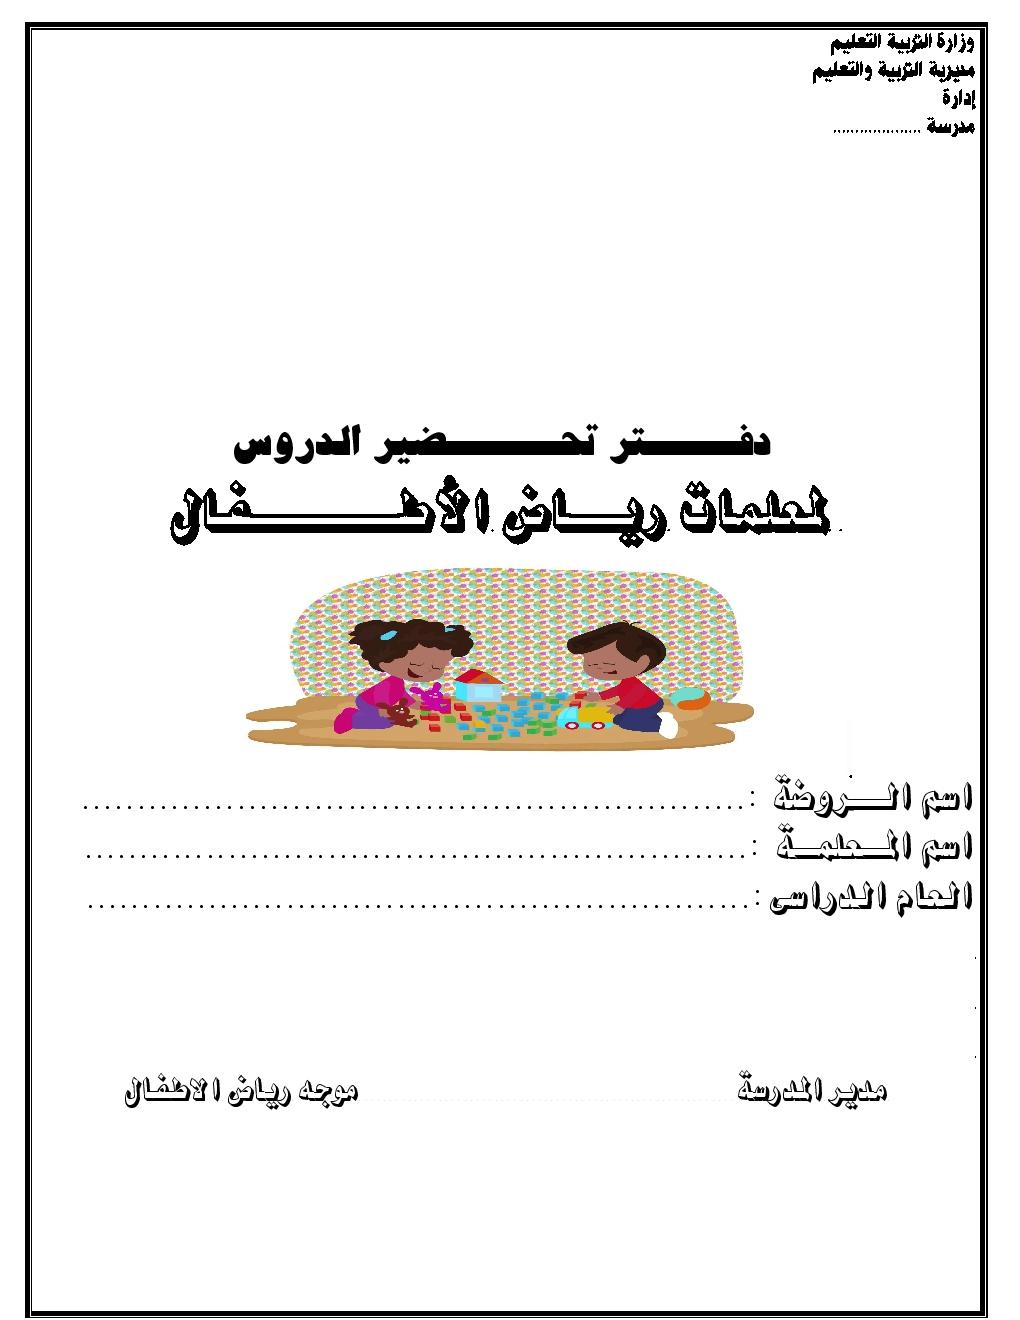 دفتر تحضير لمعلمات رياض الاطفال منسق وجاهز للطباعة